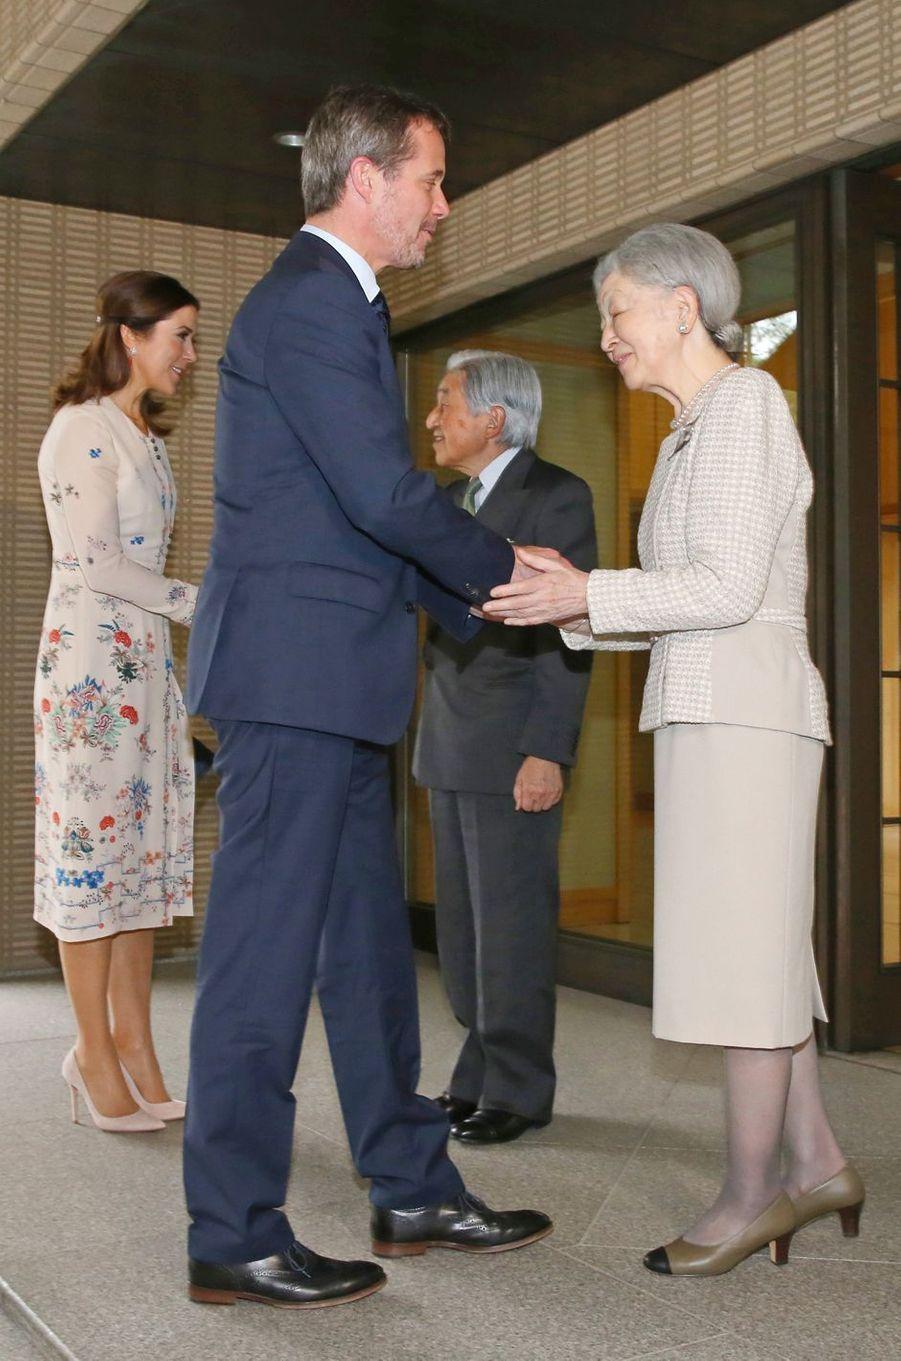 La princesse Mary et le prince Frederik de Danemark avec l'empereur Akihito du Japon et l'impératrice Michiko à Tokyo, le 11 octobre 2017